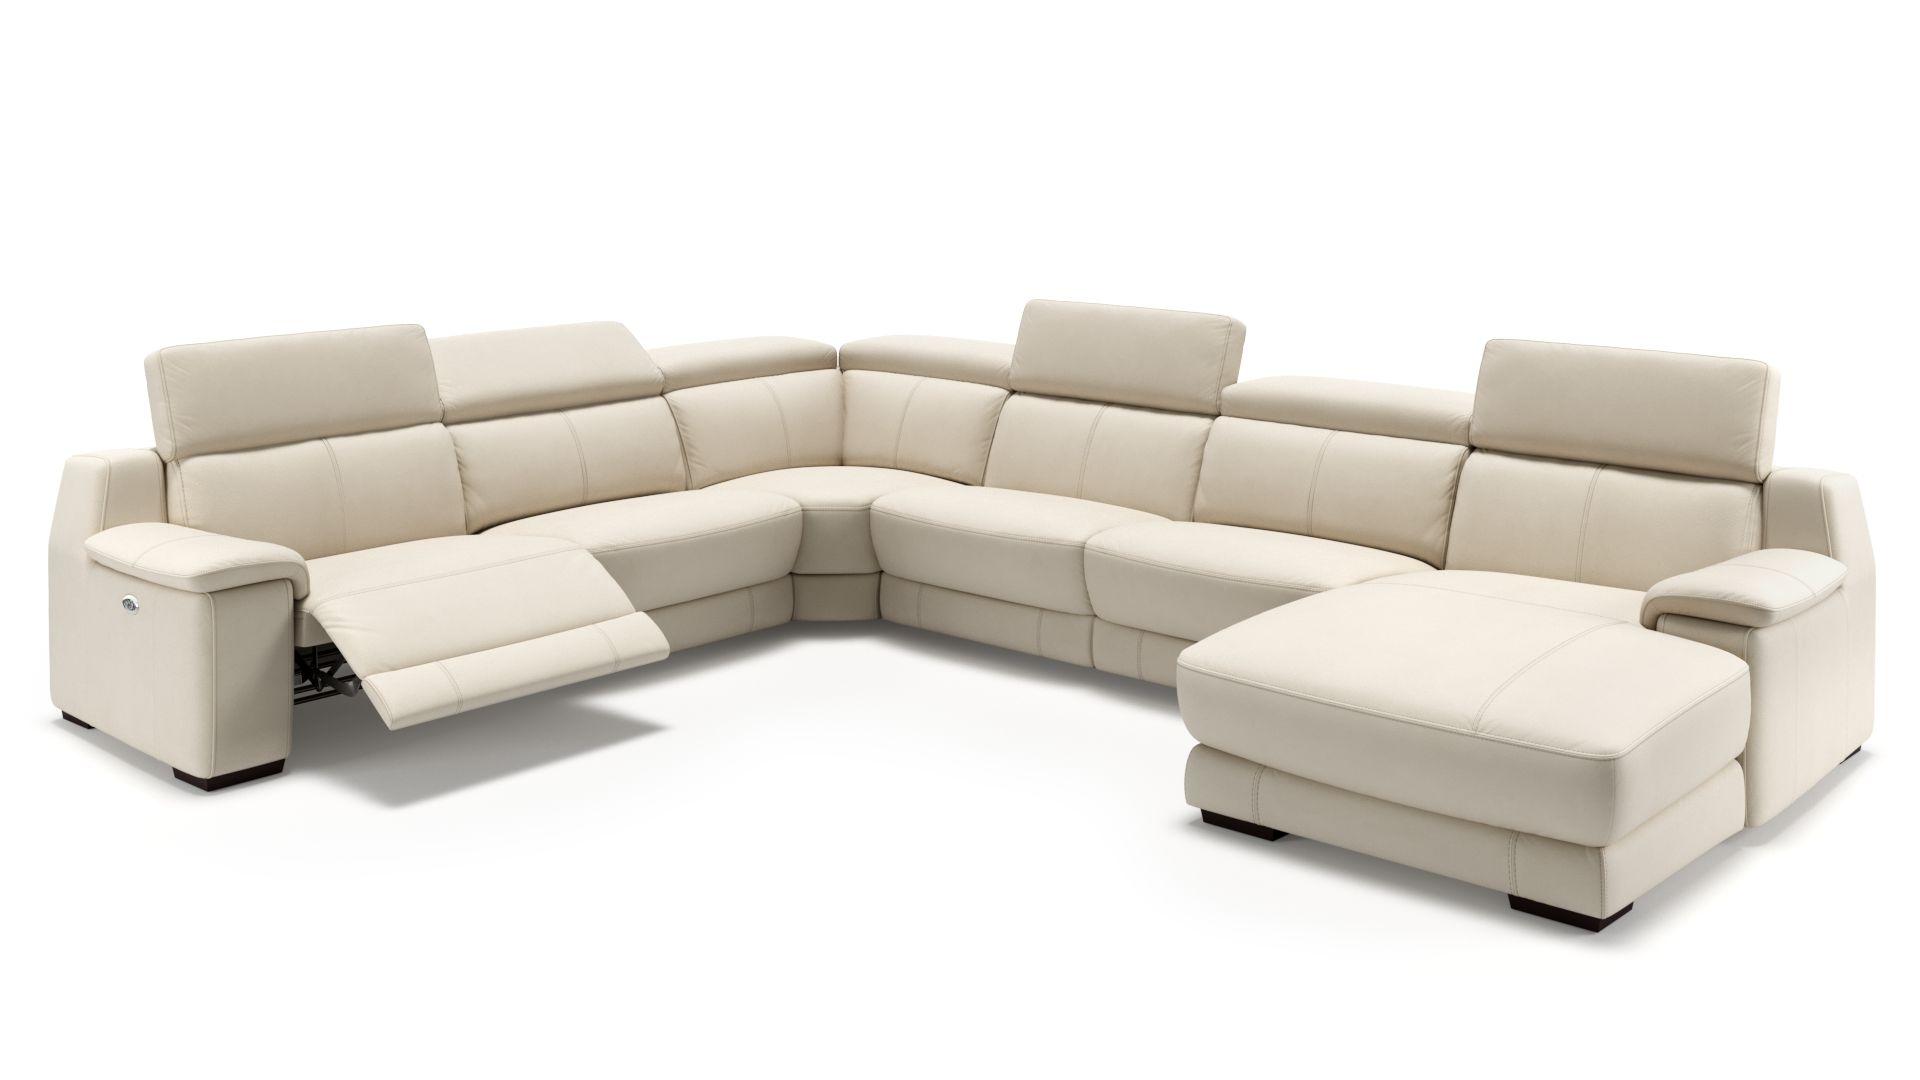 Full Size of Modernes Sofa In U Form Mit Relaxfunktion Sofanella Sonnenschutz Garten Lüftung Bad 3er Schweißausbrüche Wechseljahre Lounge Set Innovation Berlin Minotti Sofa U Form Sofa